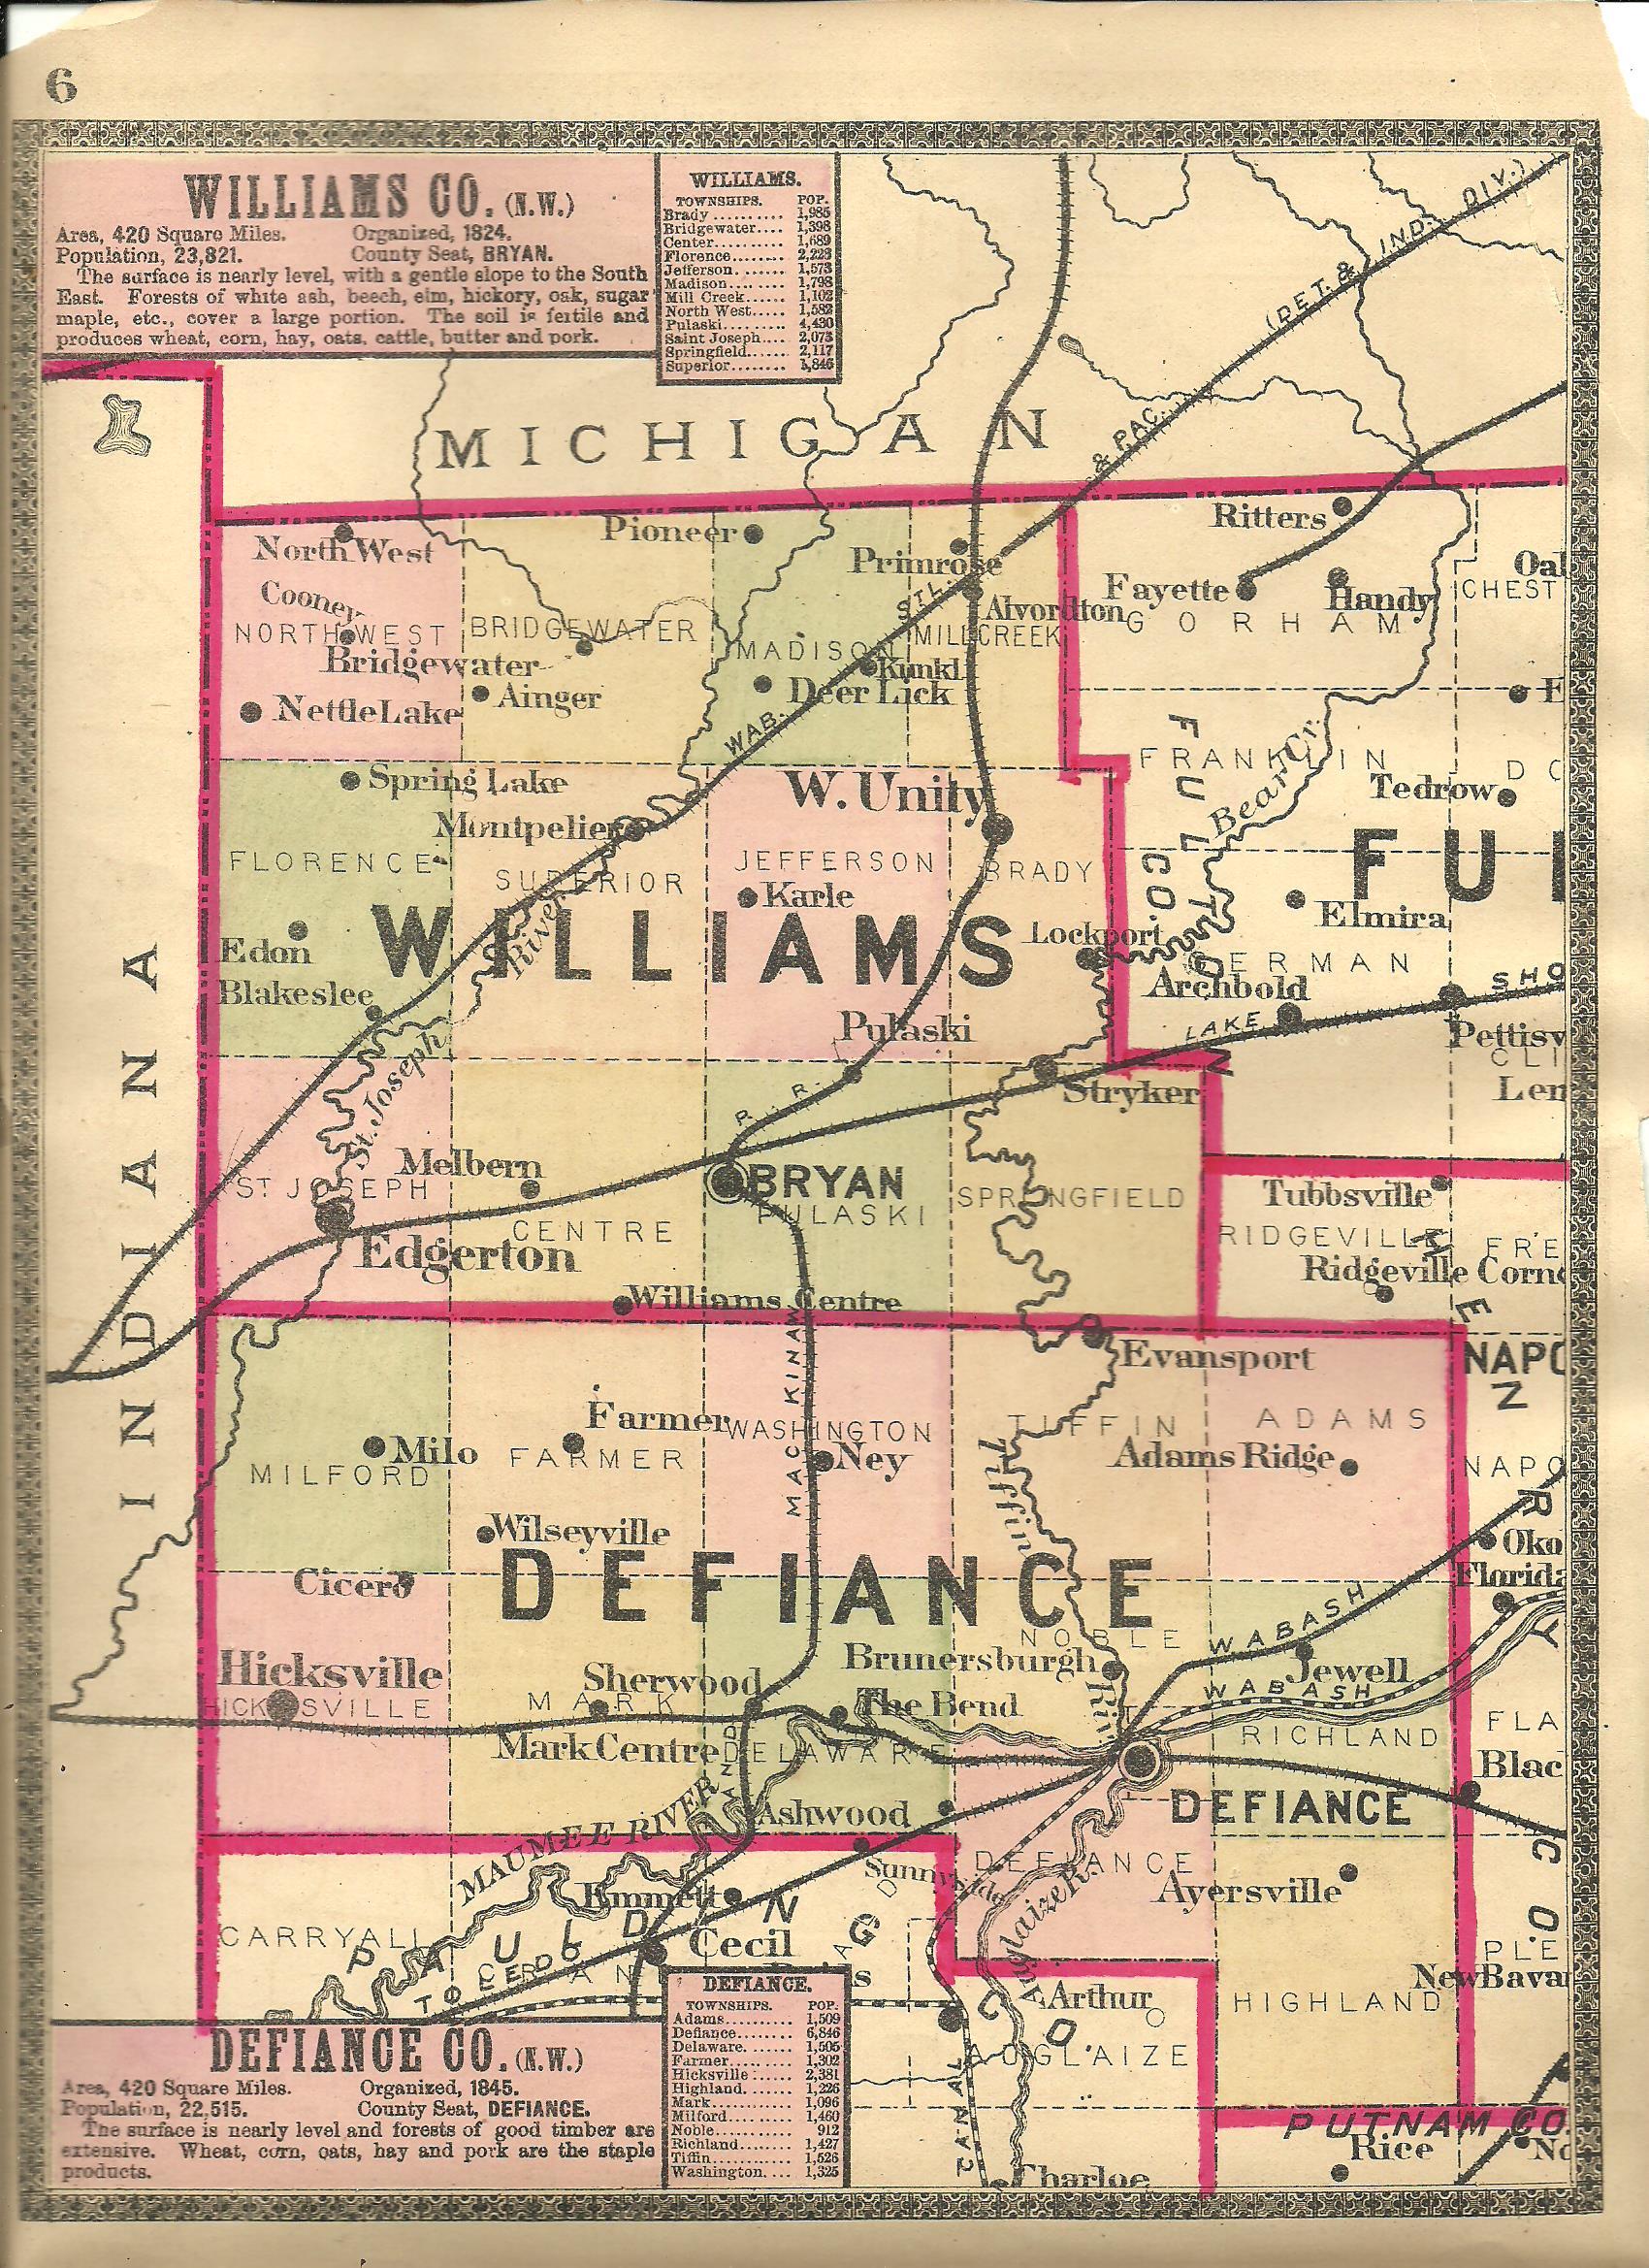 William Co